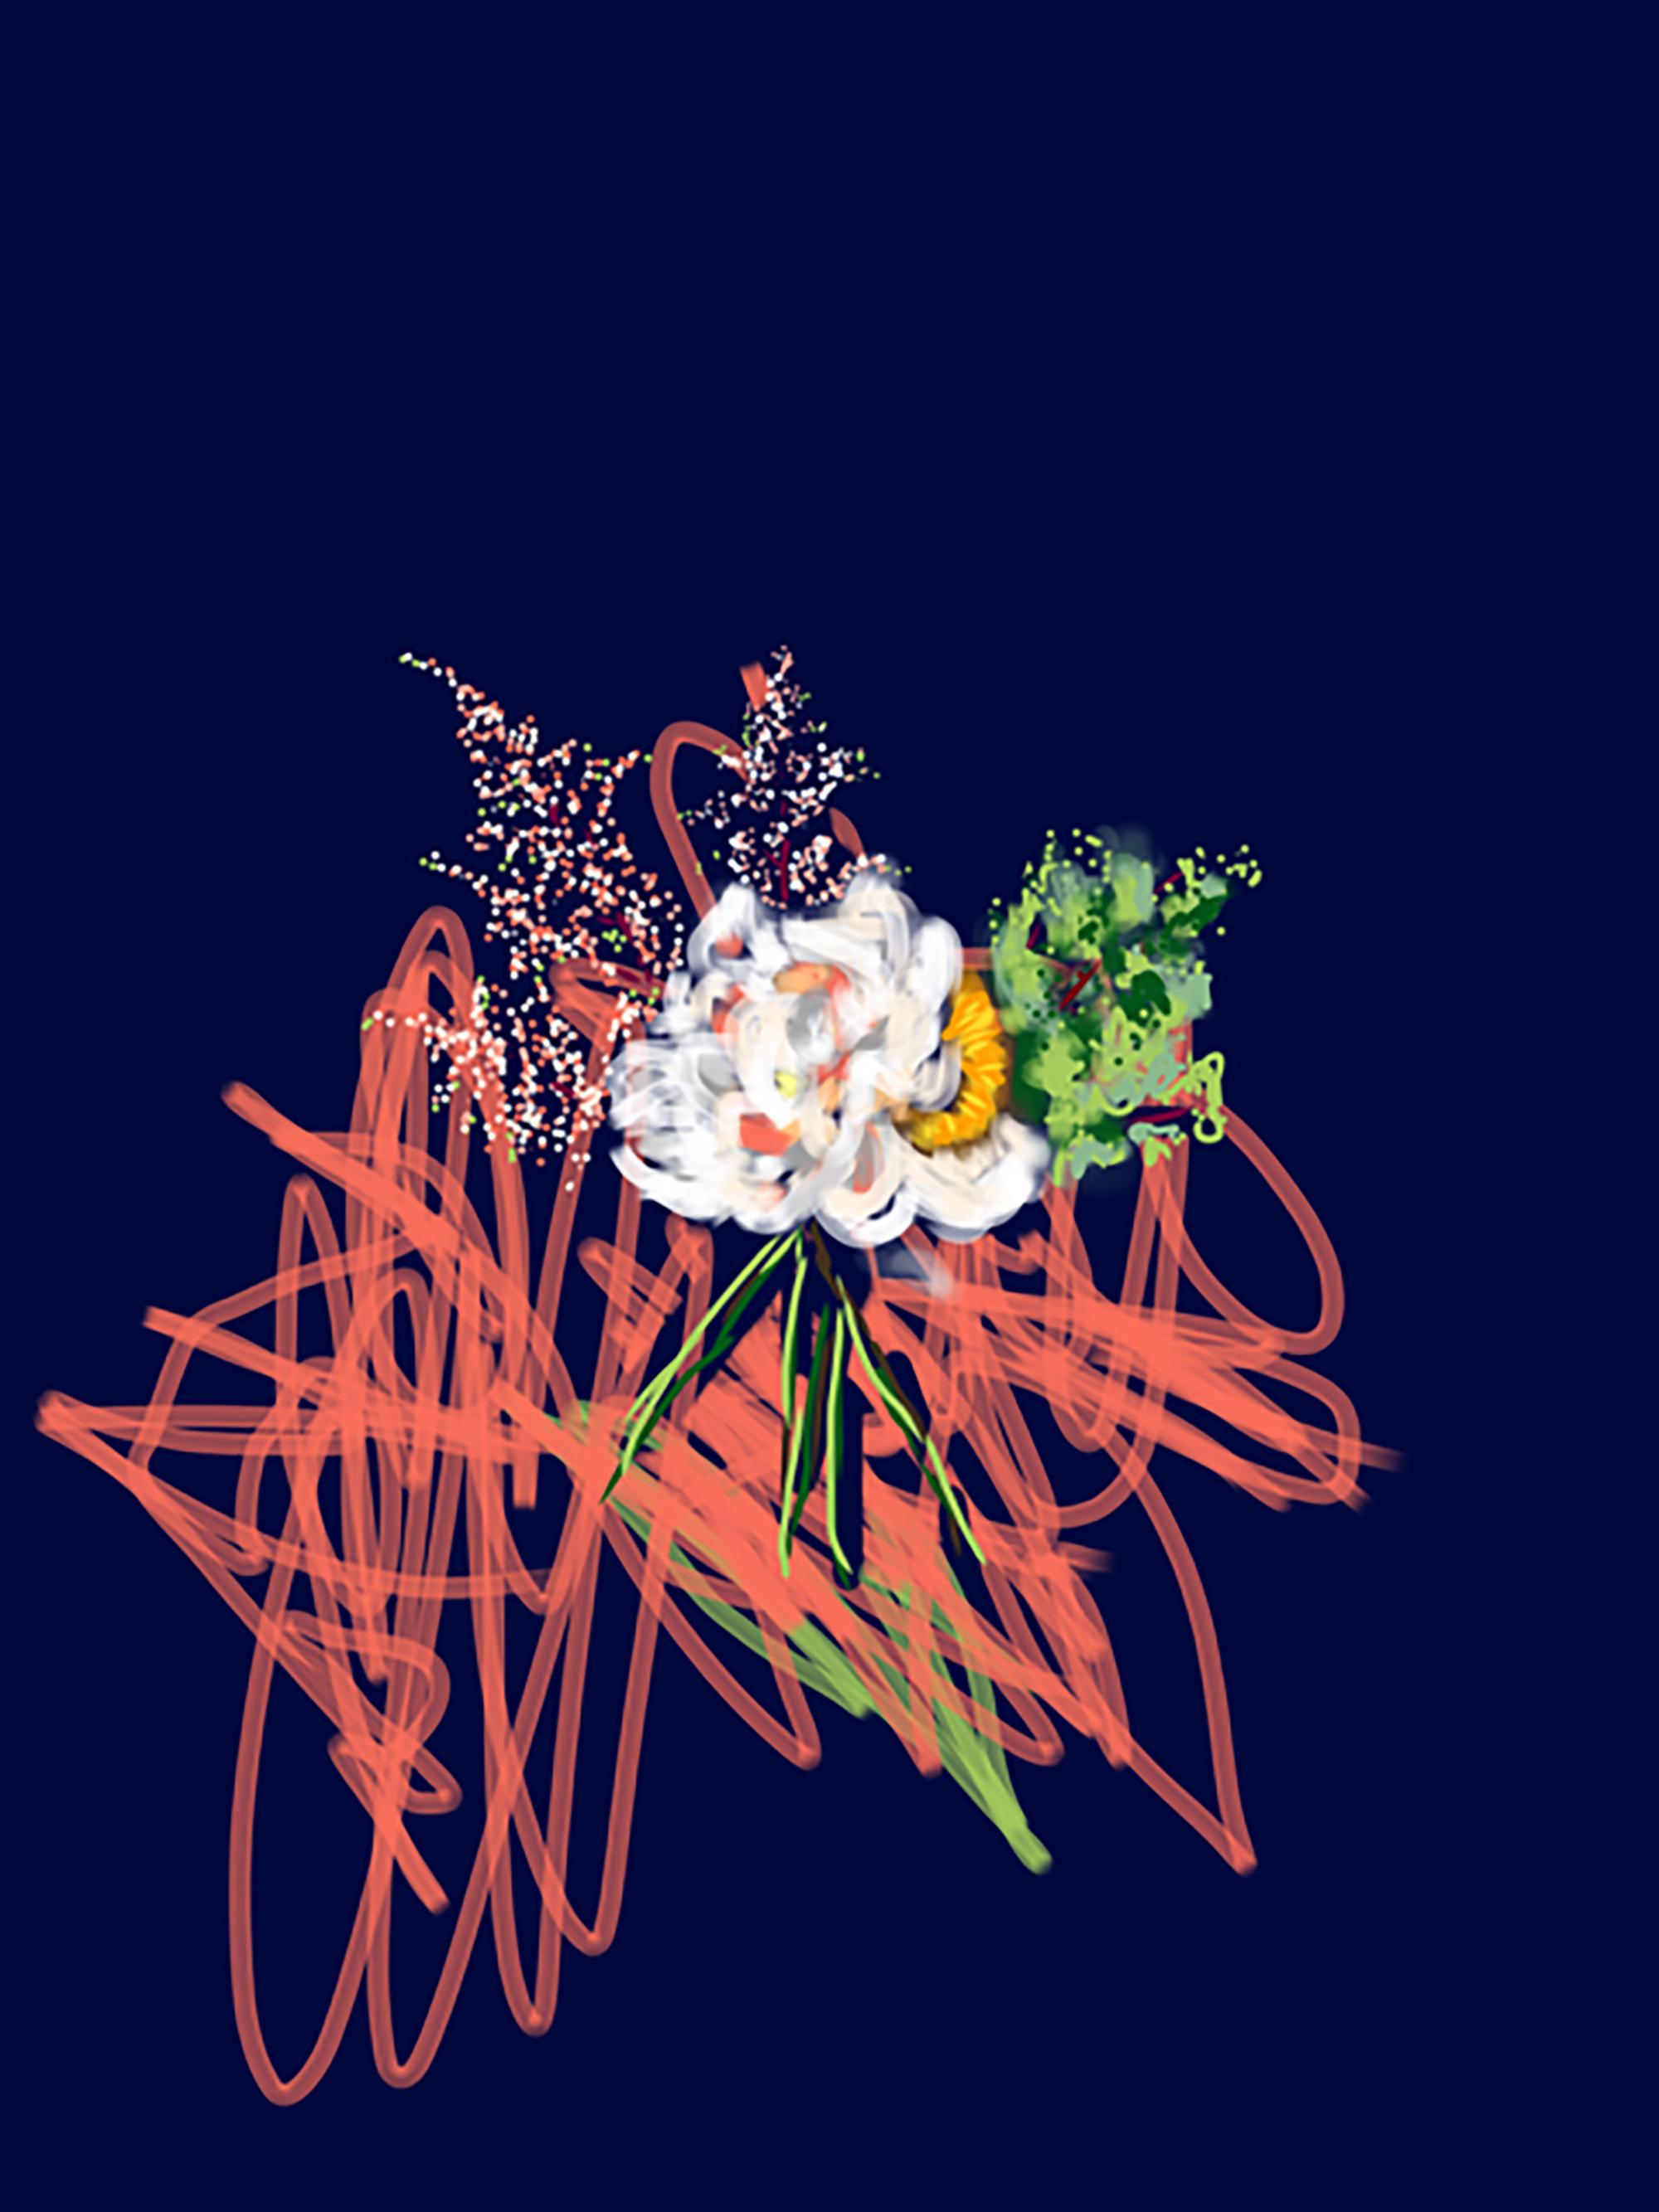 flowerdreams.png